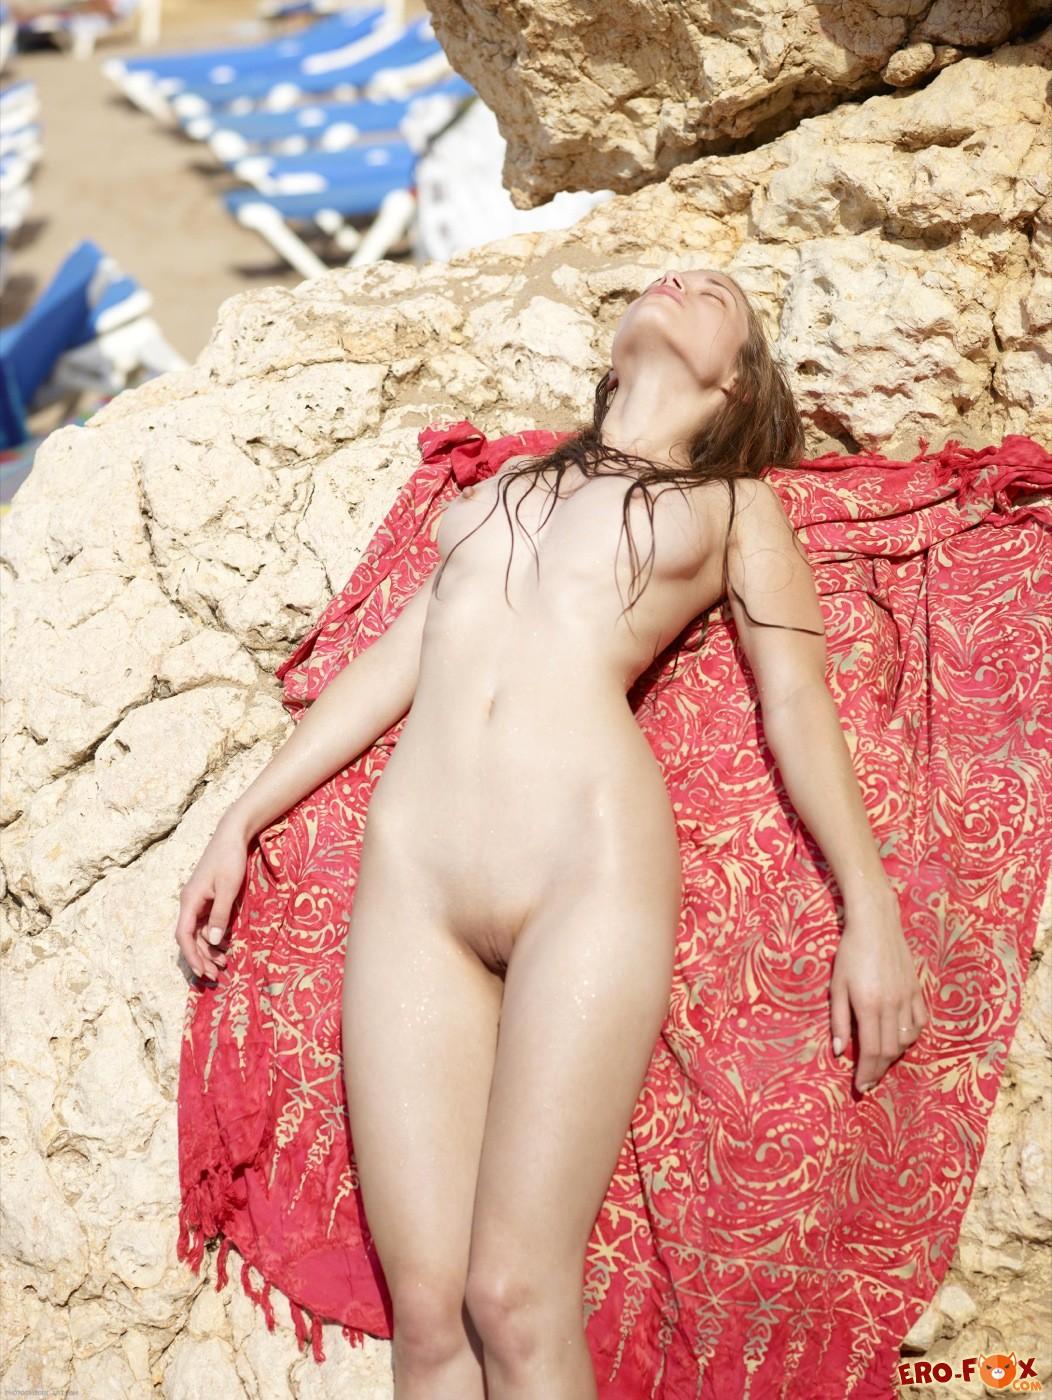 Молодая девица гуляет голая на пляже - фото